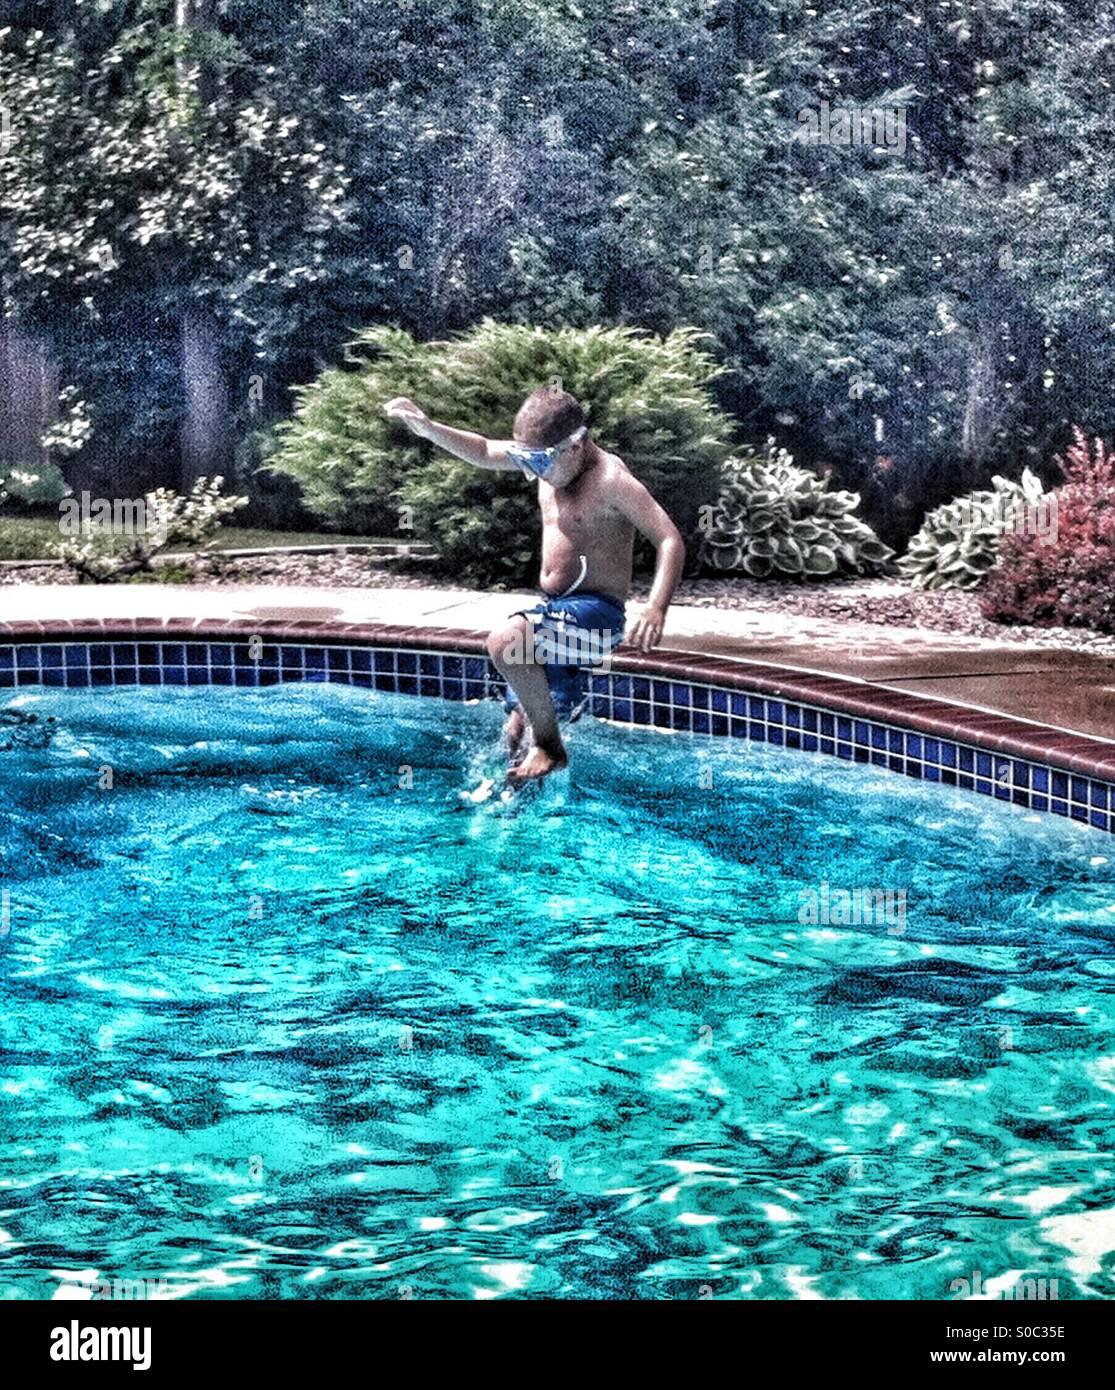 Junge nimmt Kanonenkugel Sprung ins Schwimmbad Stockbild